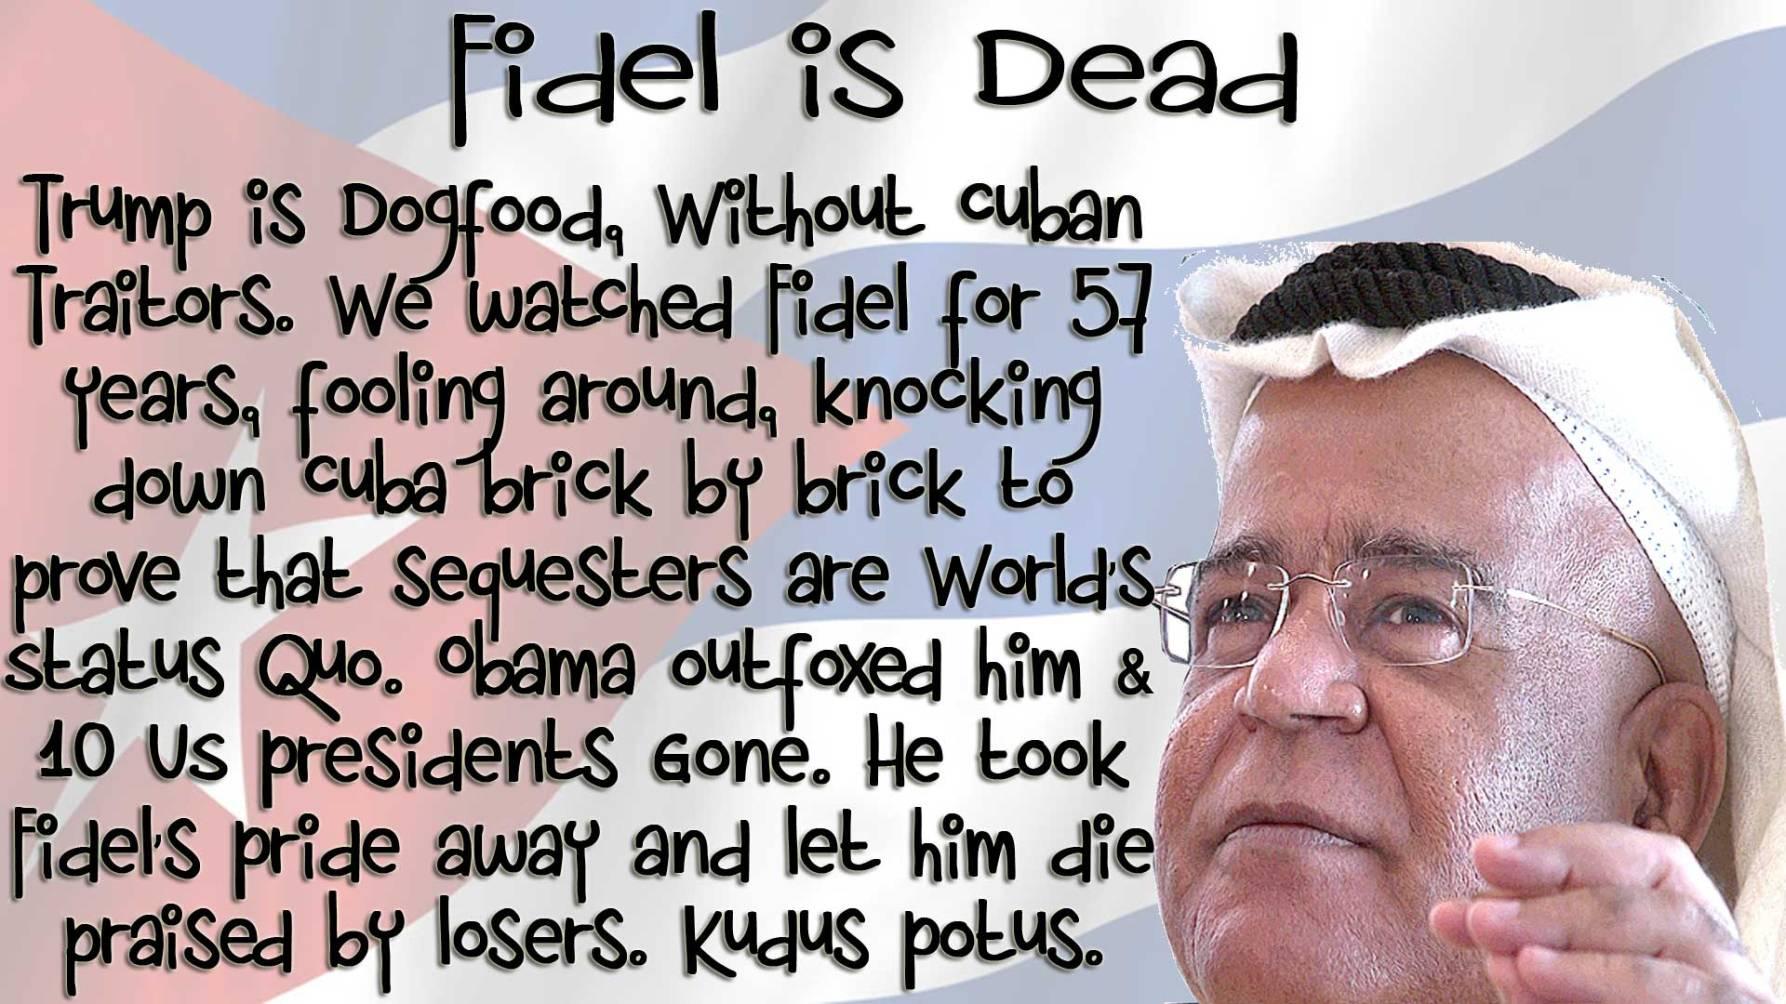 fidel-is-dead